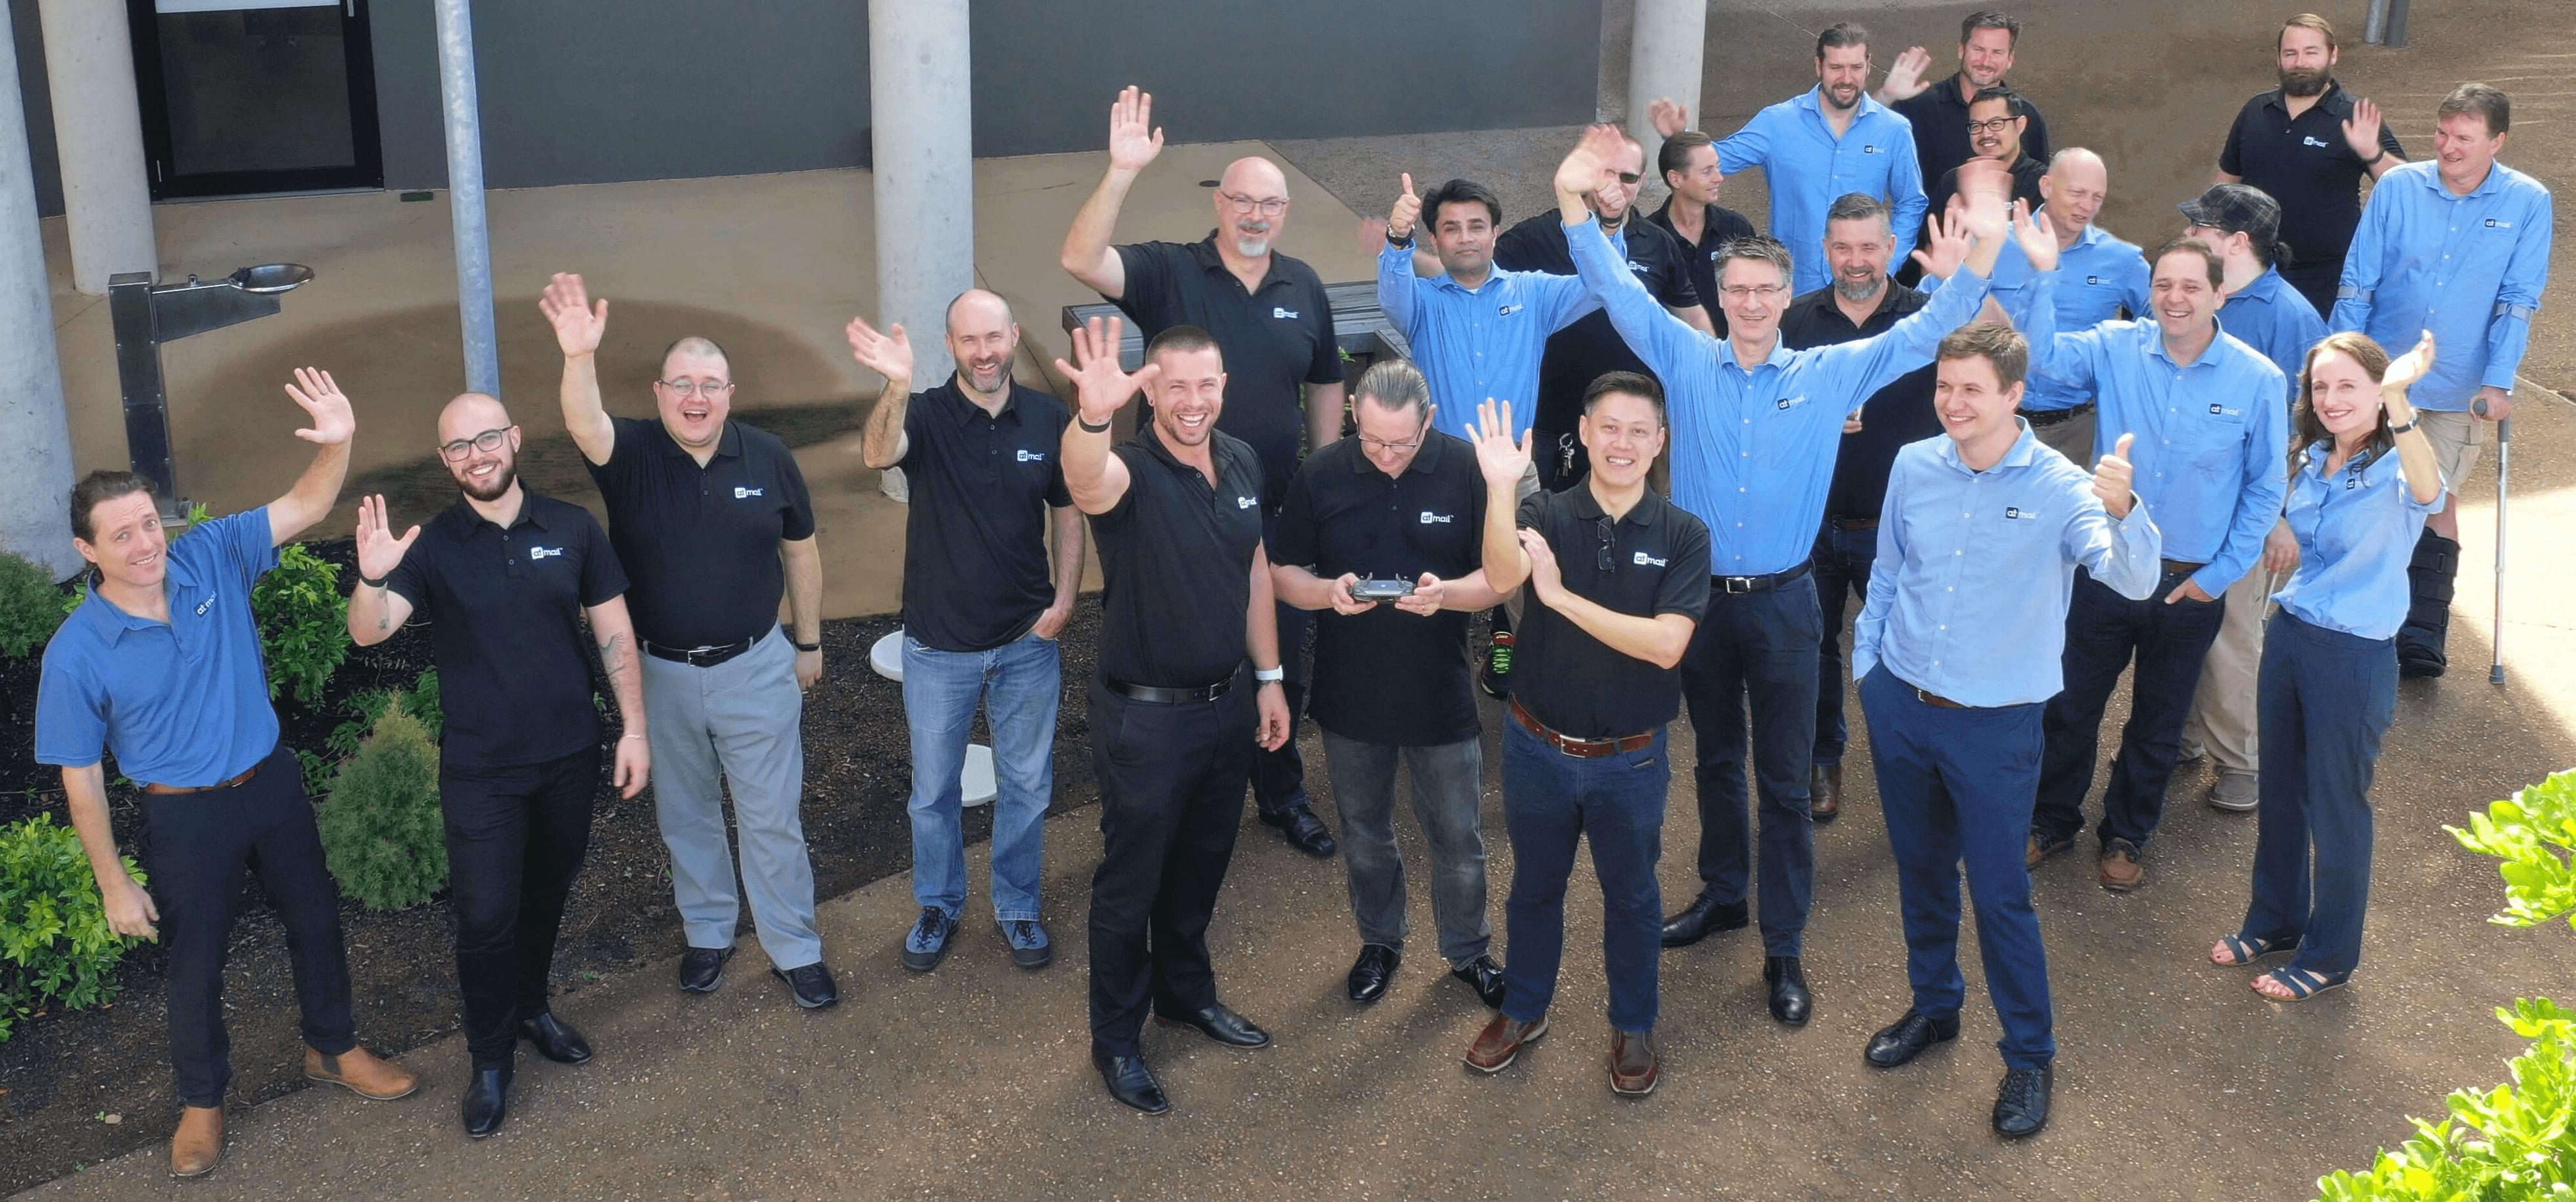 atmail team 2020